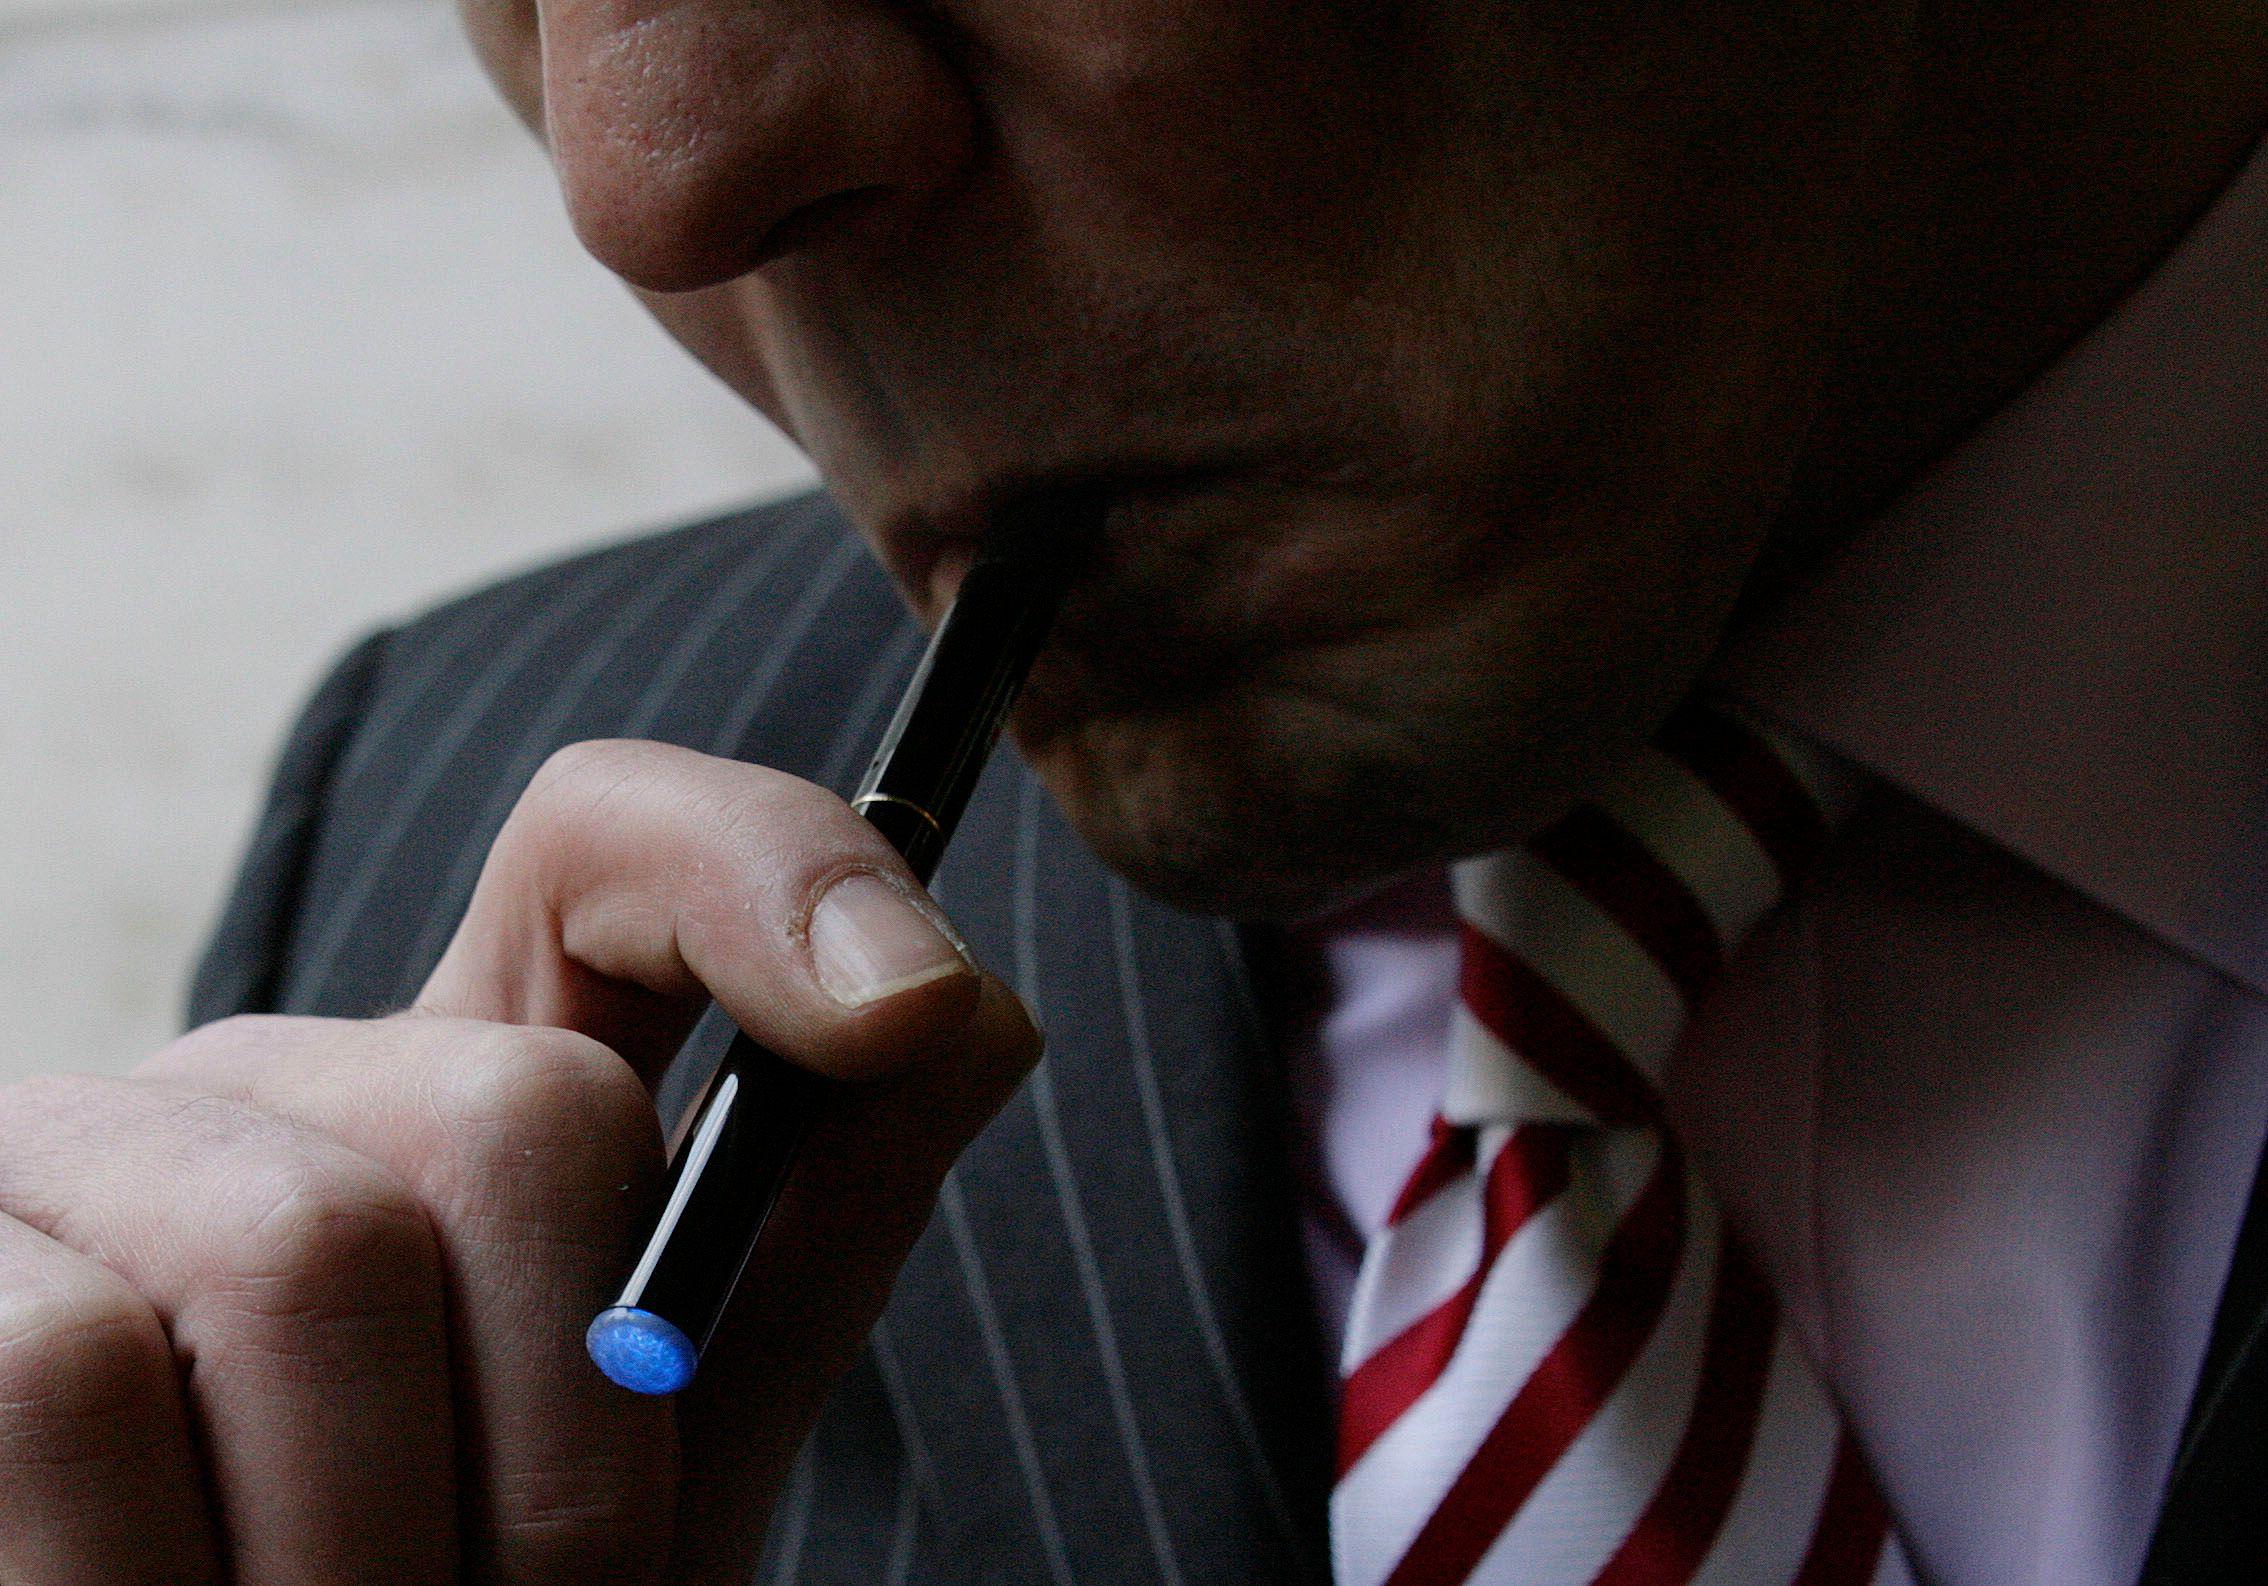 Les volutes produites grâce aux cigarettes électroniques contiennent essentiellement de la vapeur d'eau.